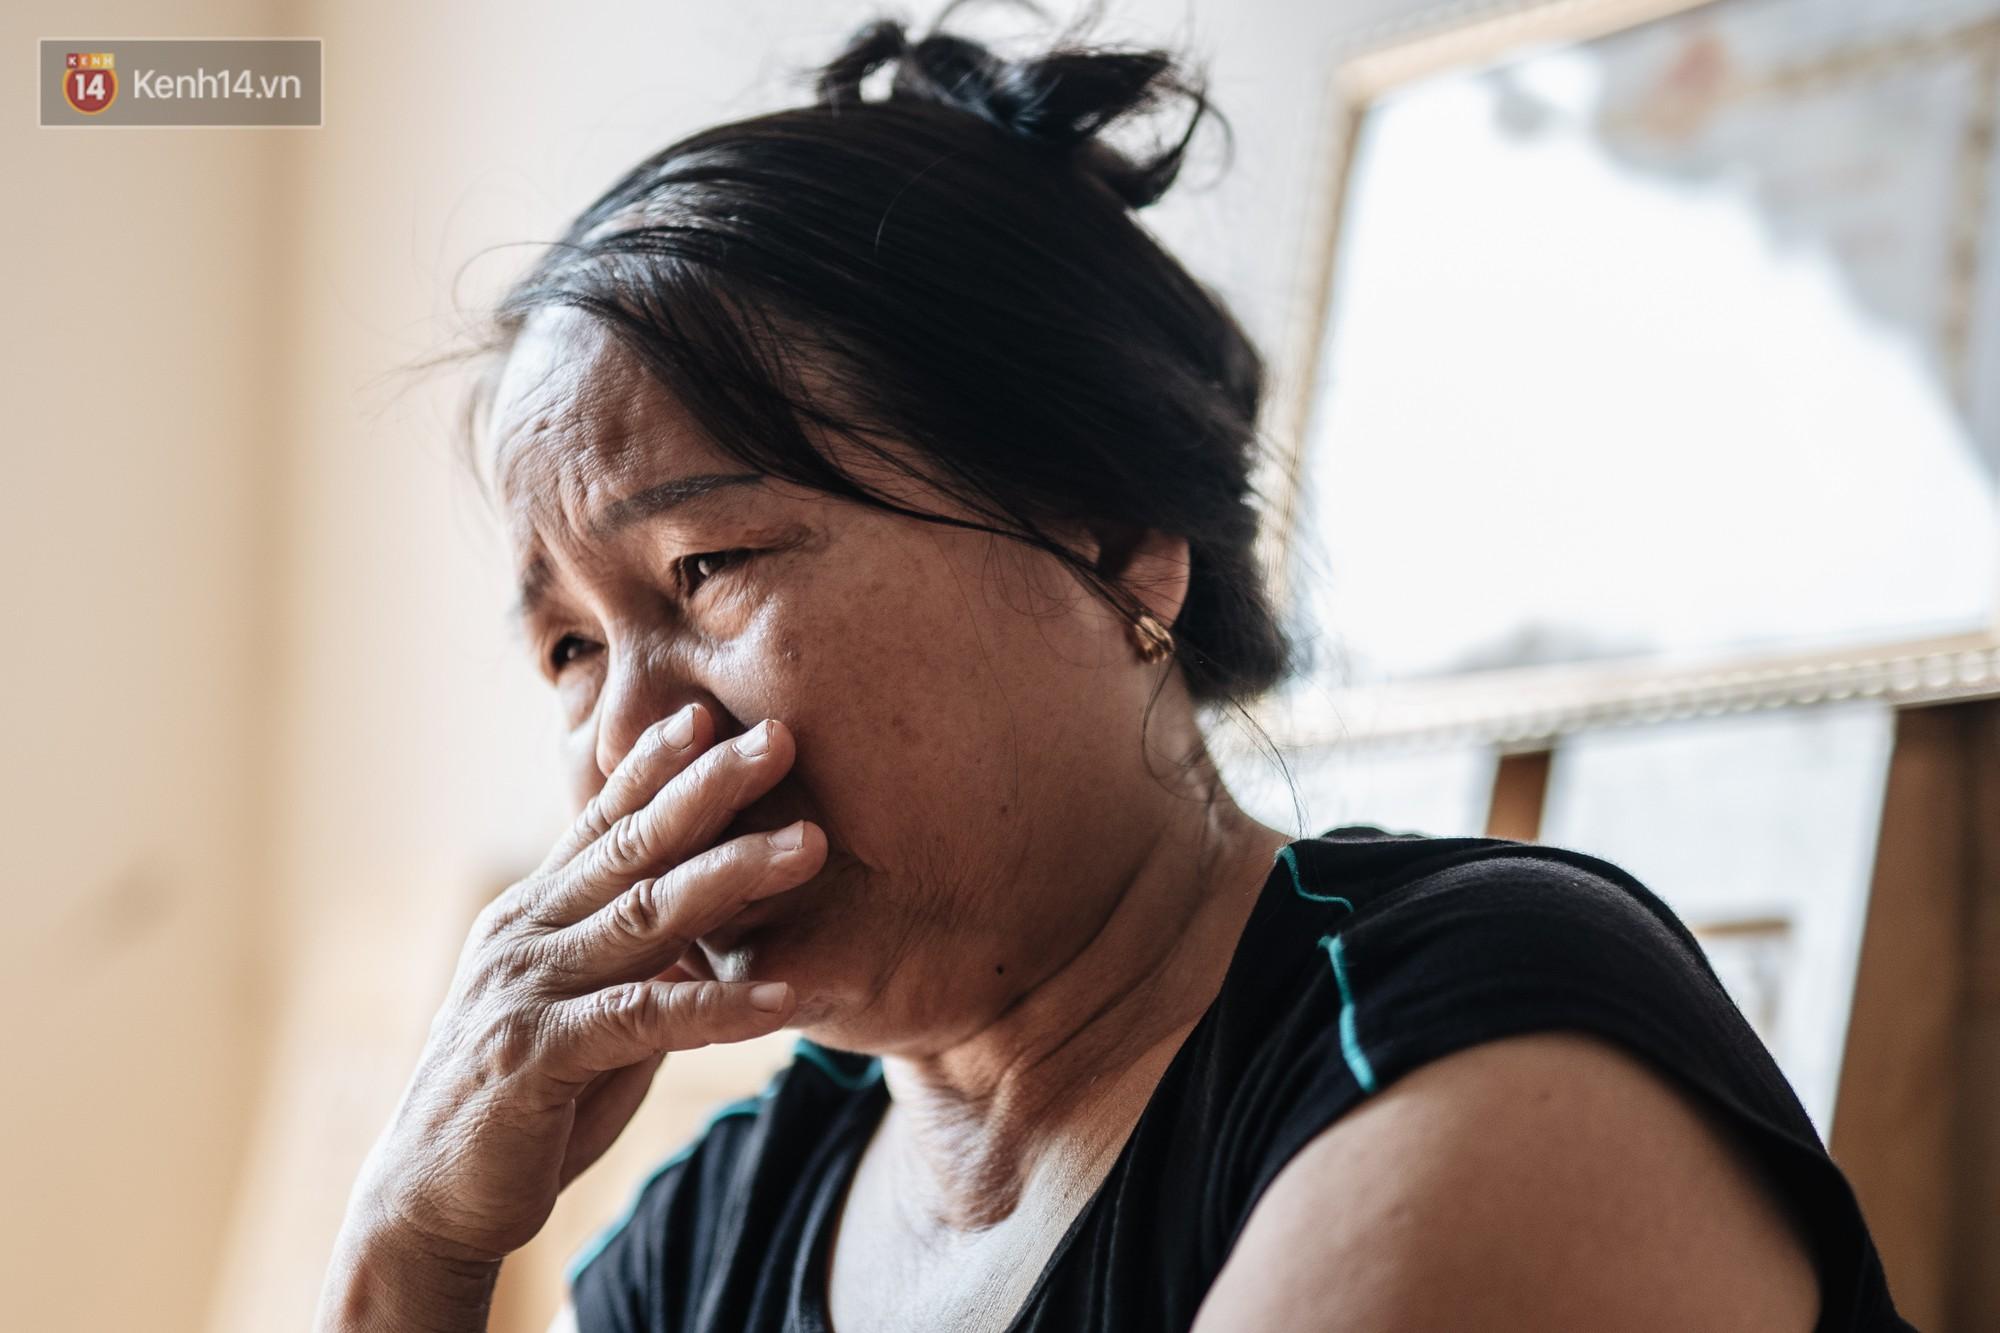 Gặp người mẹ hiến trái tim con trai gây xúc động trên sóng truyền hình: Con chỉ mất đi thể xác, còn sự sống vẫn tồn tại trên cõi đời này...-12